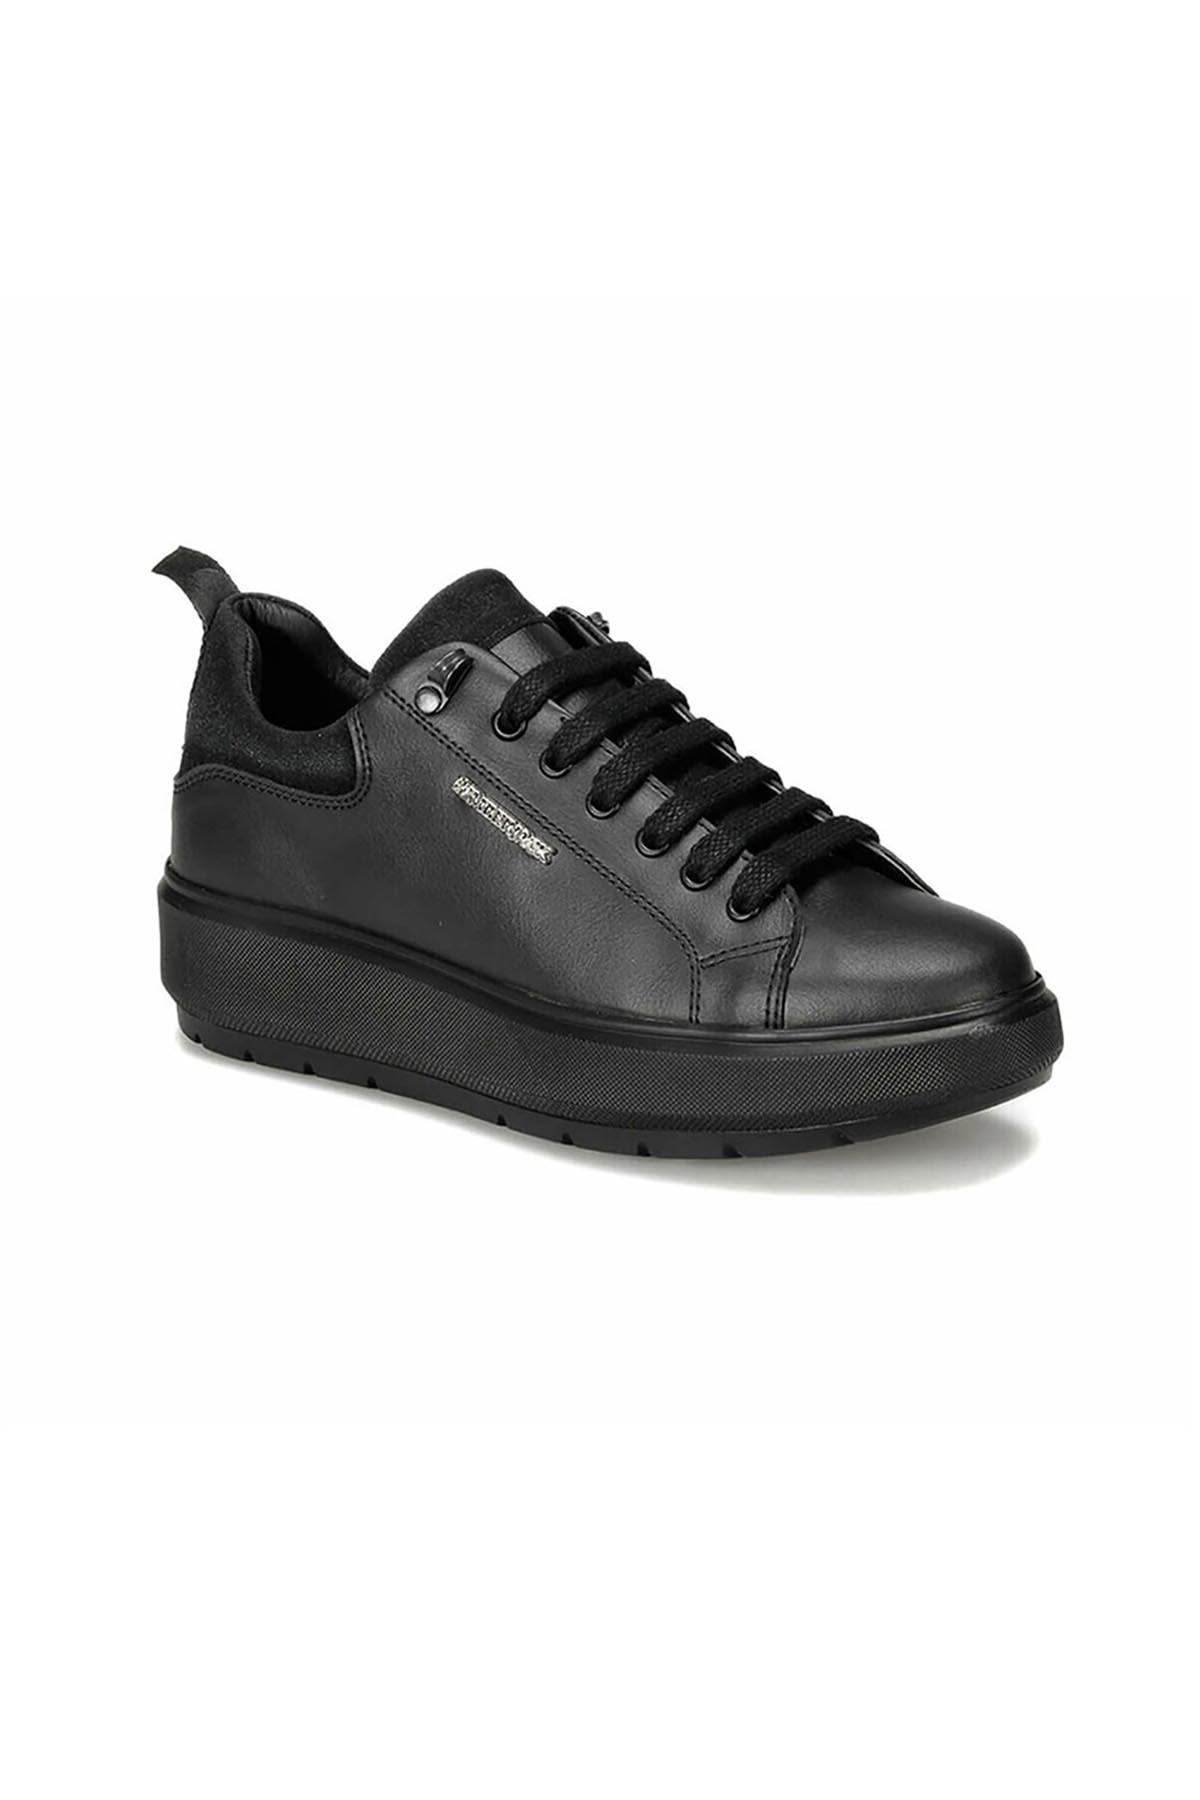 lumberjack Kadın Siyah Kalın Taban Ayakkabı Fıona 100434702 2